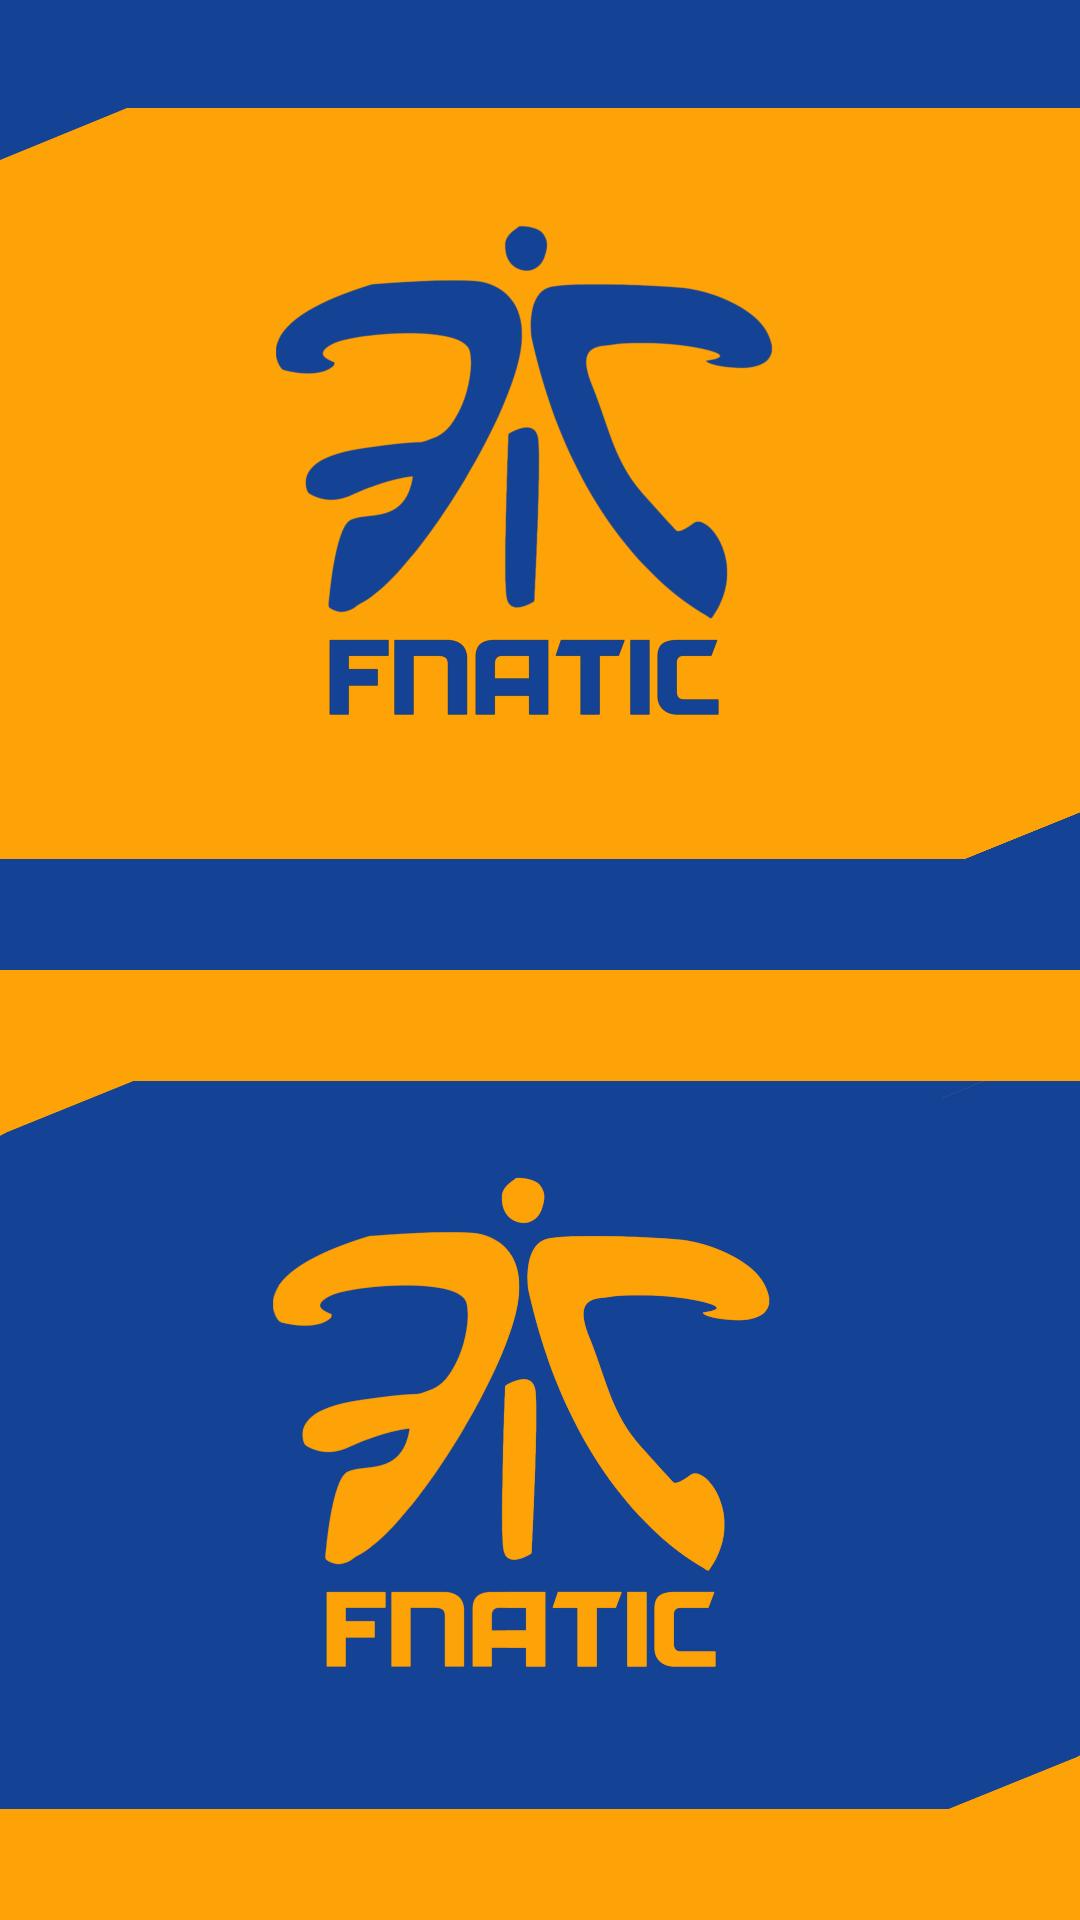 Fnatic csgo team